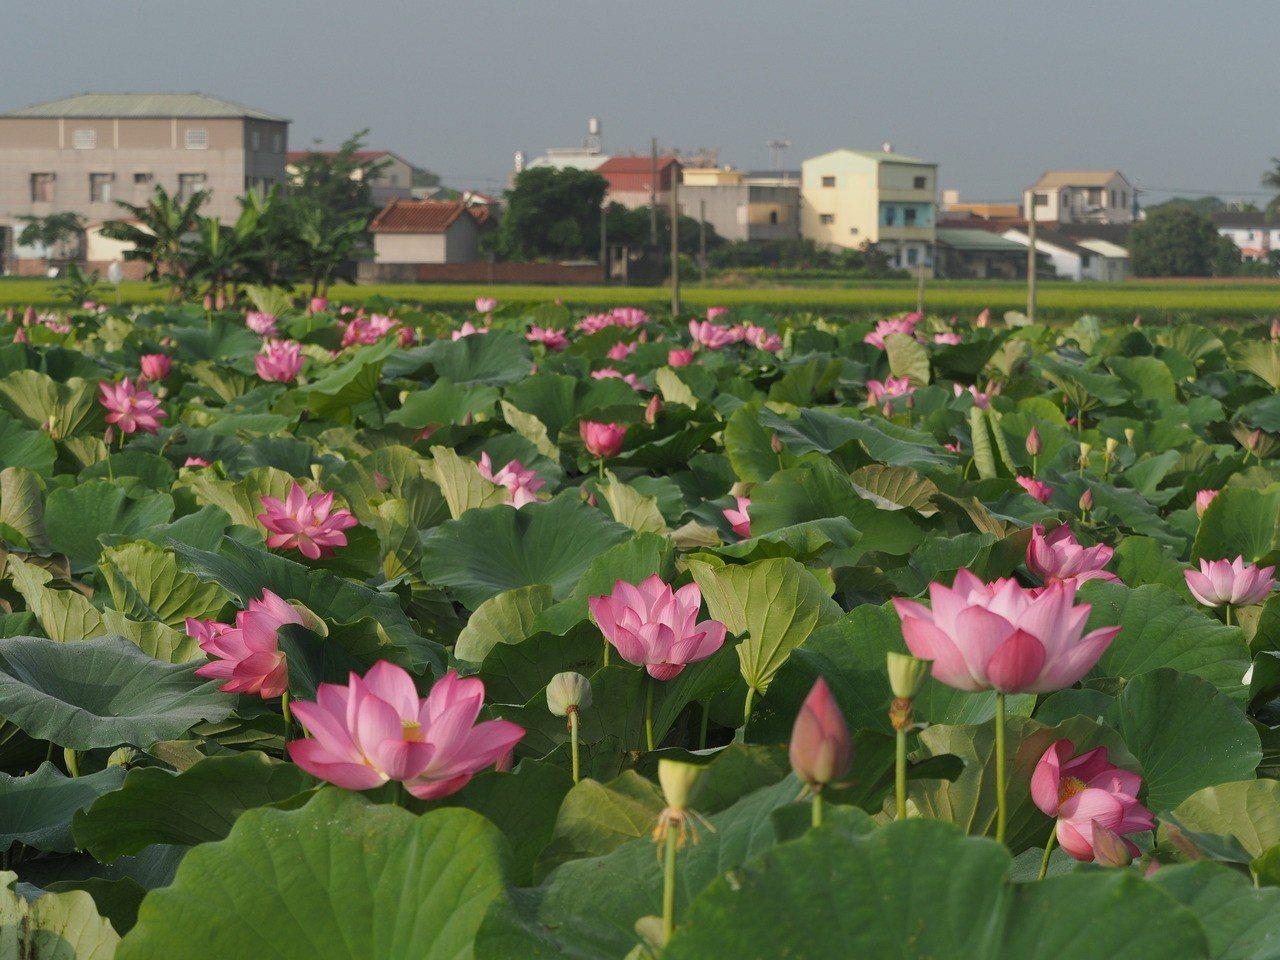 白河蓮花盛開,為南台灣帶來一年最美的夏日景色。 朱家瑩/攝影